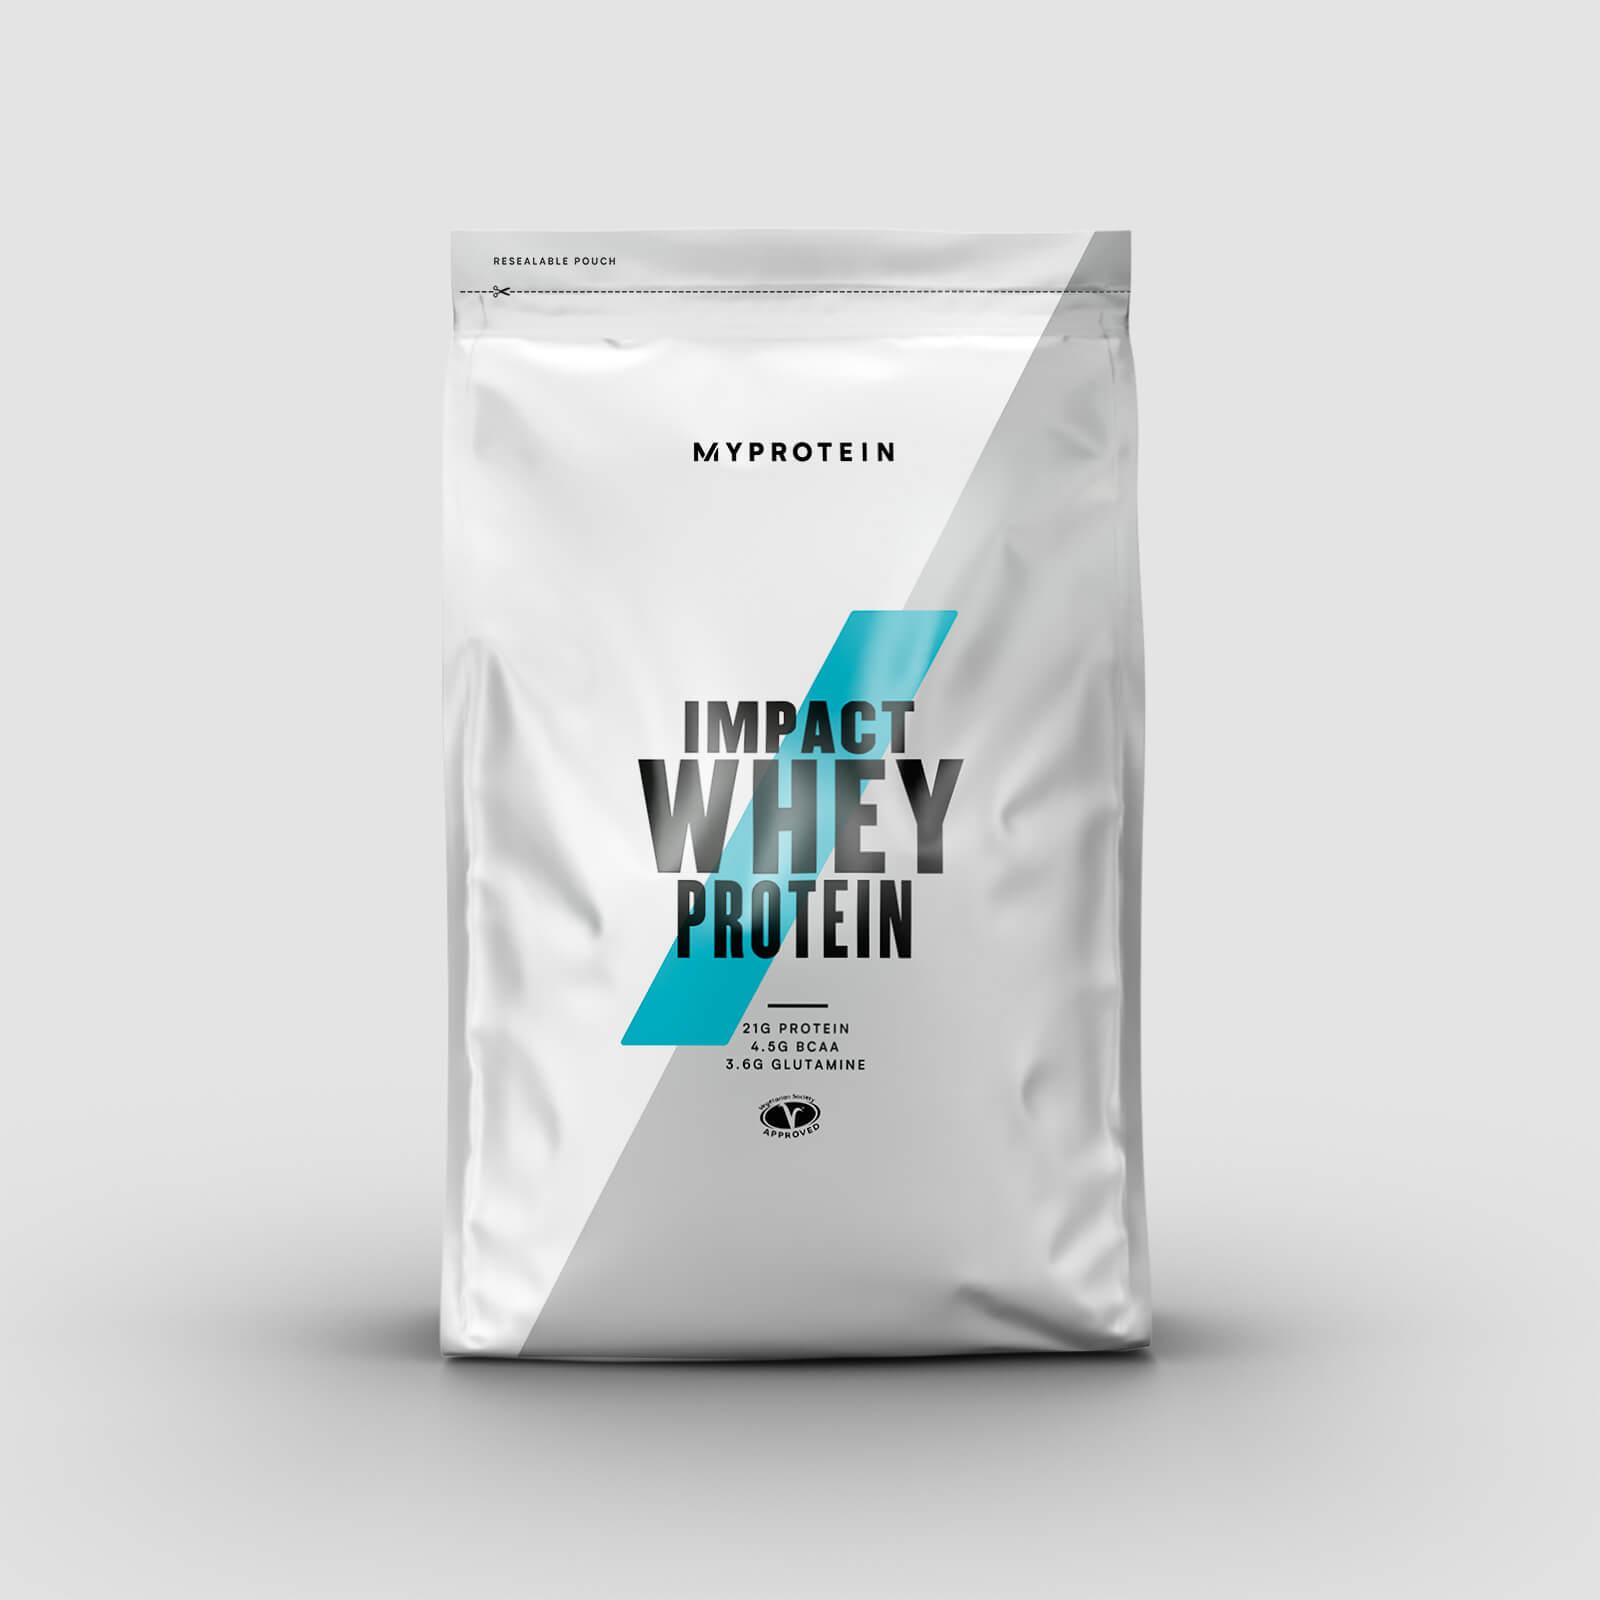 Myprotein Impact Whey Protein, 1kg - Cinnamon Danish